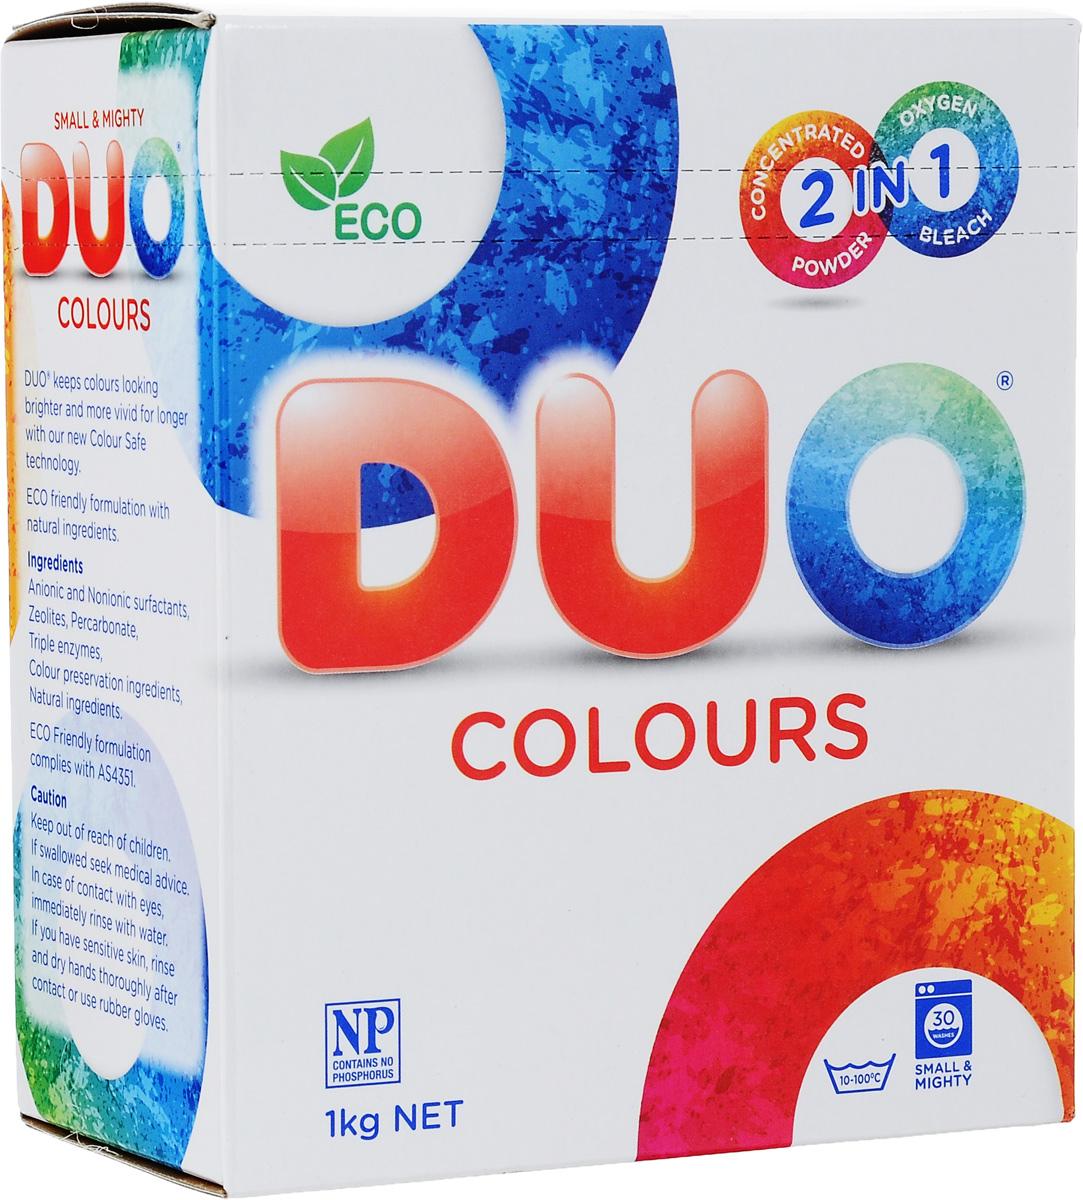 Стиральный порошок Duo Colours, для цветных и темных тканей, концентрированный, 1 кг14010Концентрированный стиральный порошок Duo Colours предназначен для стирки цветных и темных тканей. Двойная степень защиты цвета сохраняет все краски цветного и темного белья, защищает от ультрафиолета. Особенности порошка Reflect Colours: - обладает высокой моющей способностью в широком диапазоне температур (от 10°C до 100°C), - предупреждает образование накипи на водонагревательном элементе, - обладает дезинфицирующими свойствами, устраняет неприятные запахи,- удаляет пятна и загрязнения различного происхождения, не повреждая структуру ткани, - гипоаллергенный, на основе биоразлагаемых компонентов,- экологически чистый, не содержит форфатов, хлора и отдушек,- подходит для всех типов ткани, кроме шерсти, пуха и натурального шелка, - универсальный - для машинной и ручной стирки. Товар сертифицирован.